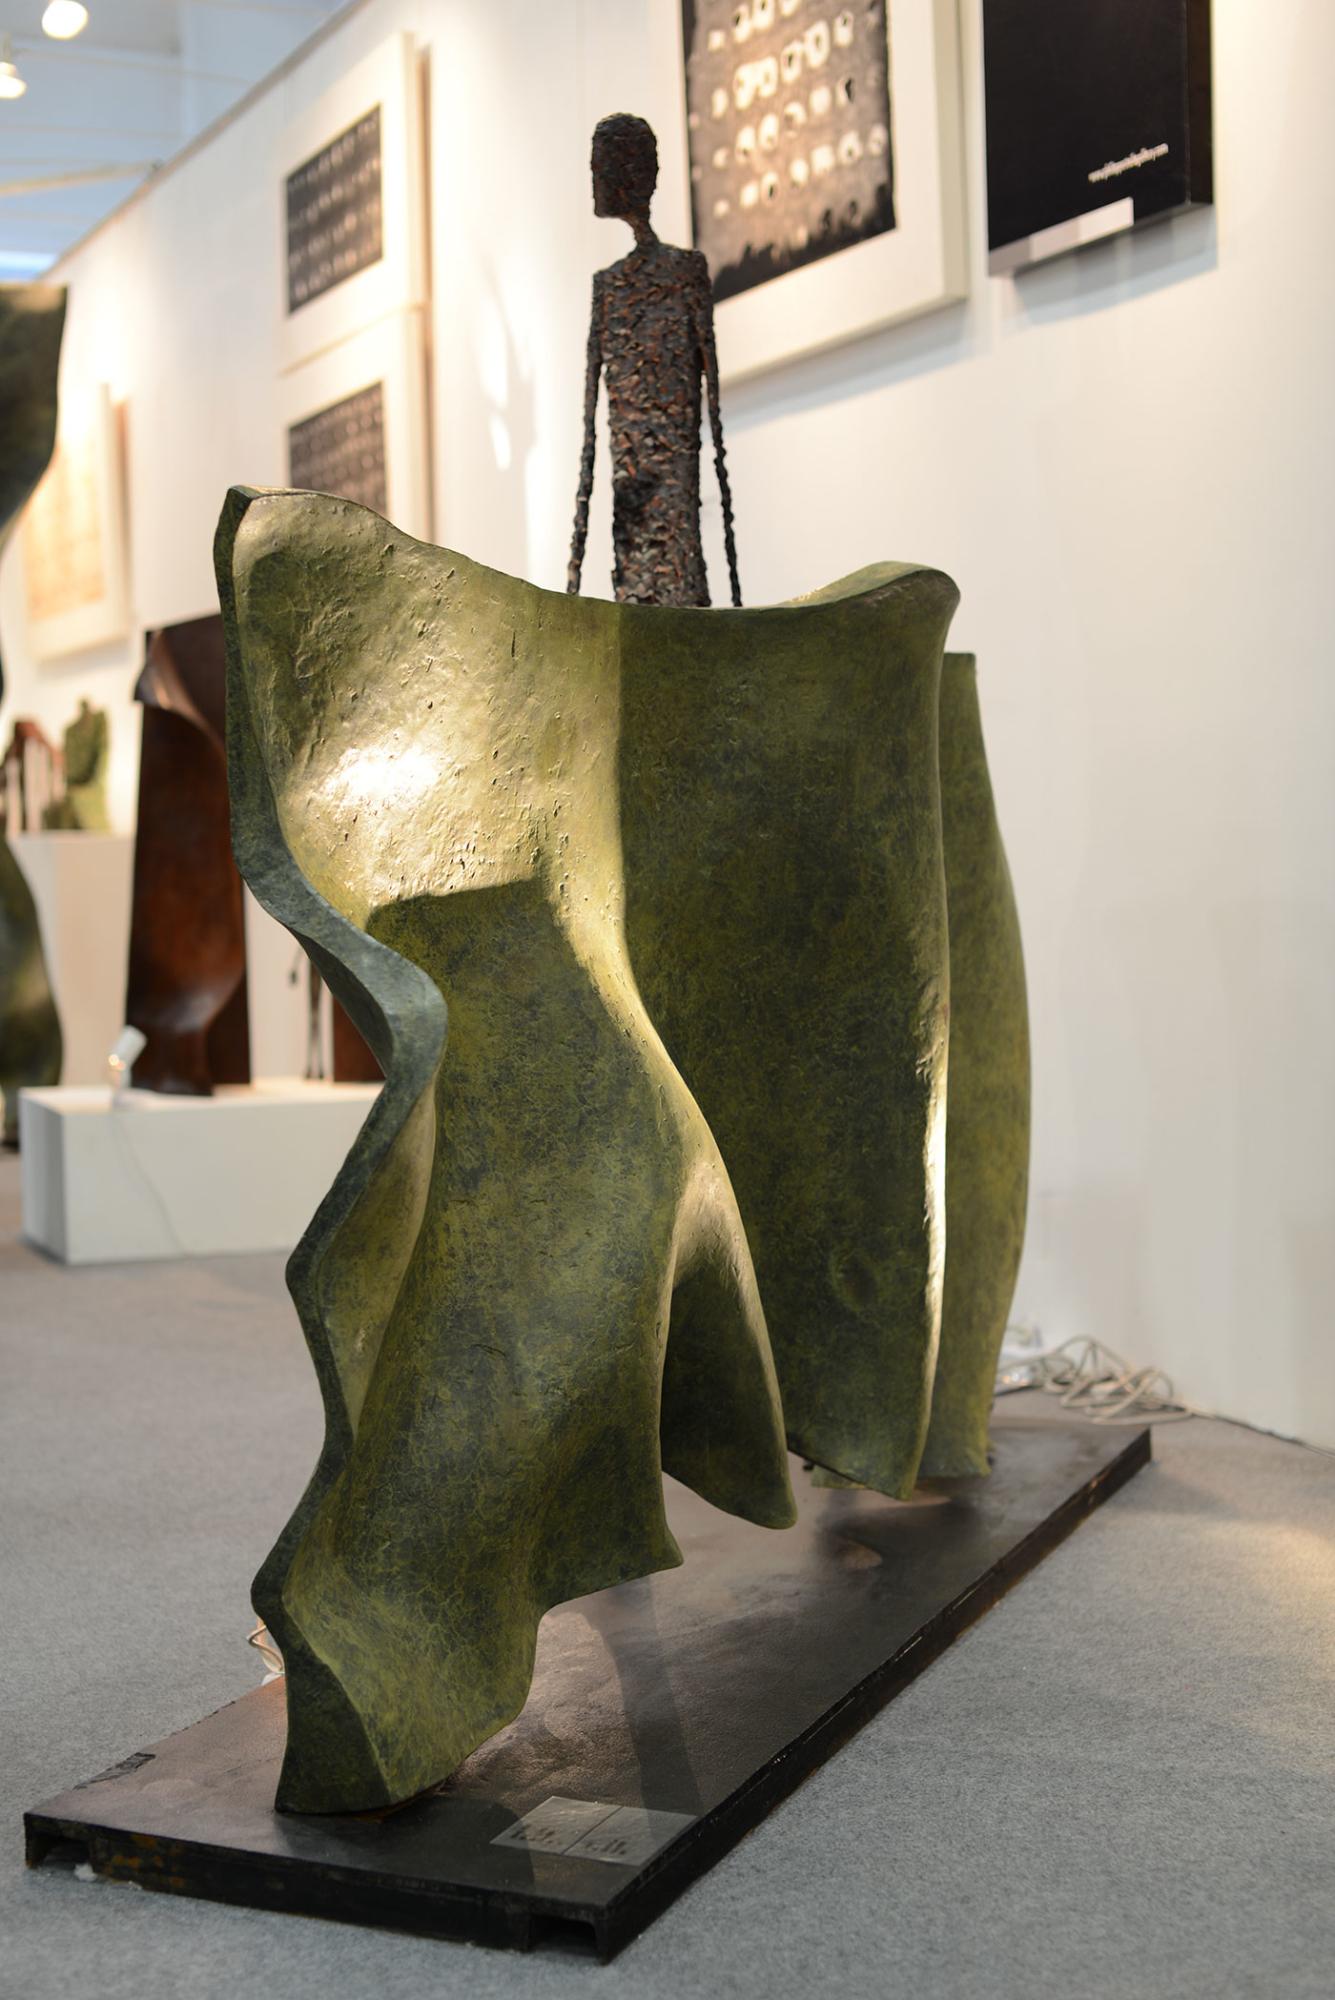 La sculpteure française Val - Valérie Goutard - avec Philippe Staib Gallery à Shanghai Art Fair avec Sculptureval